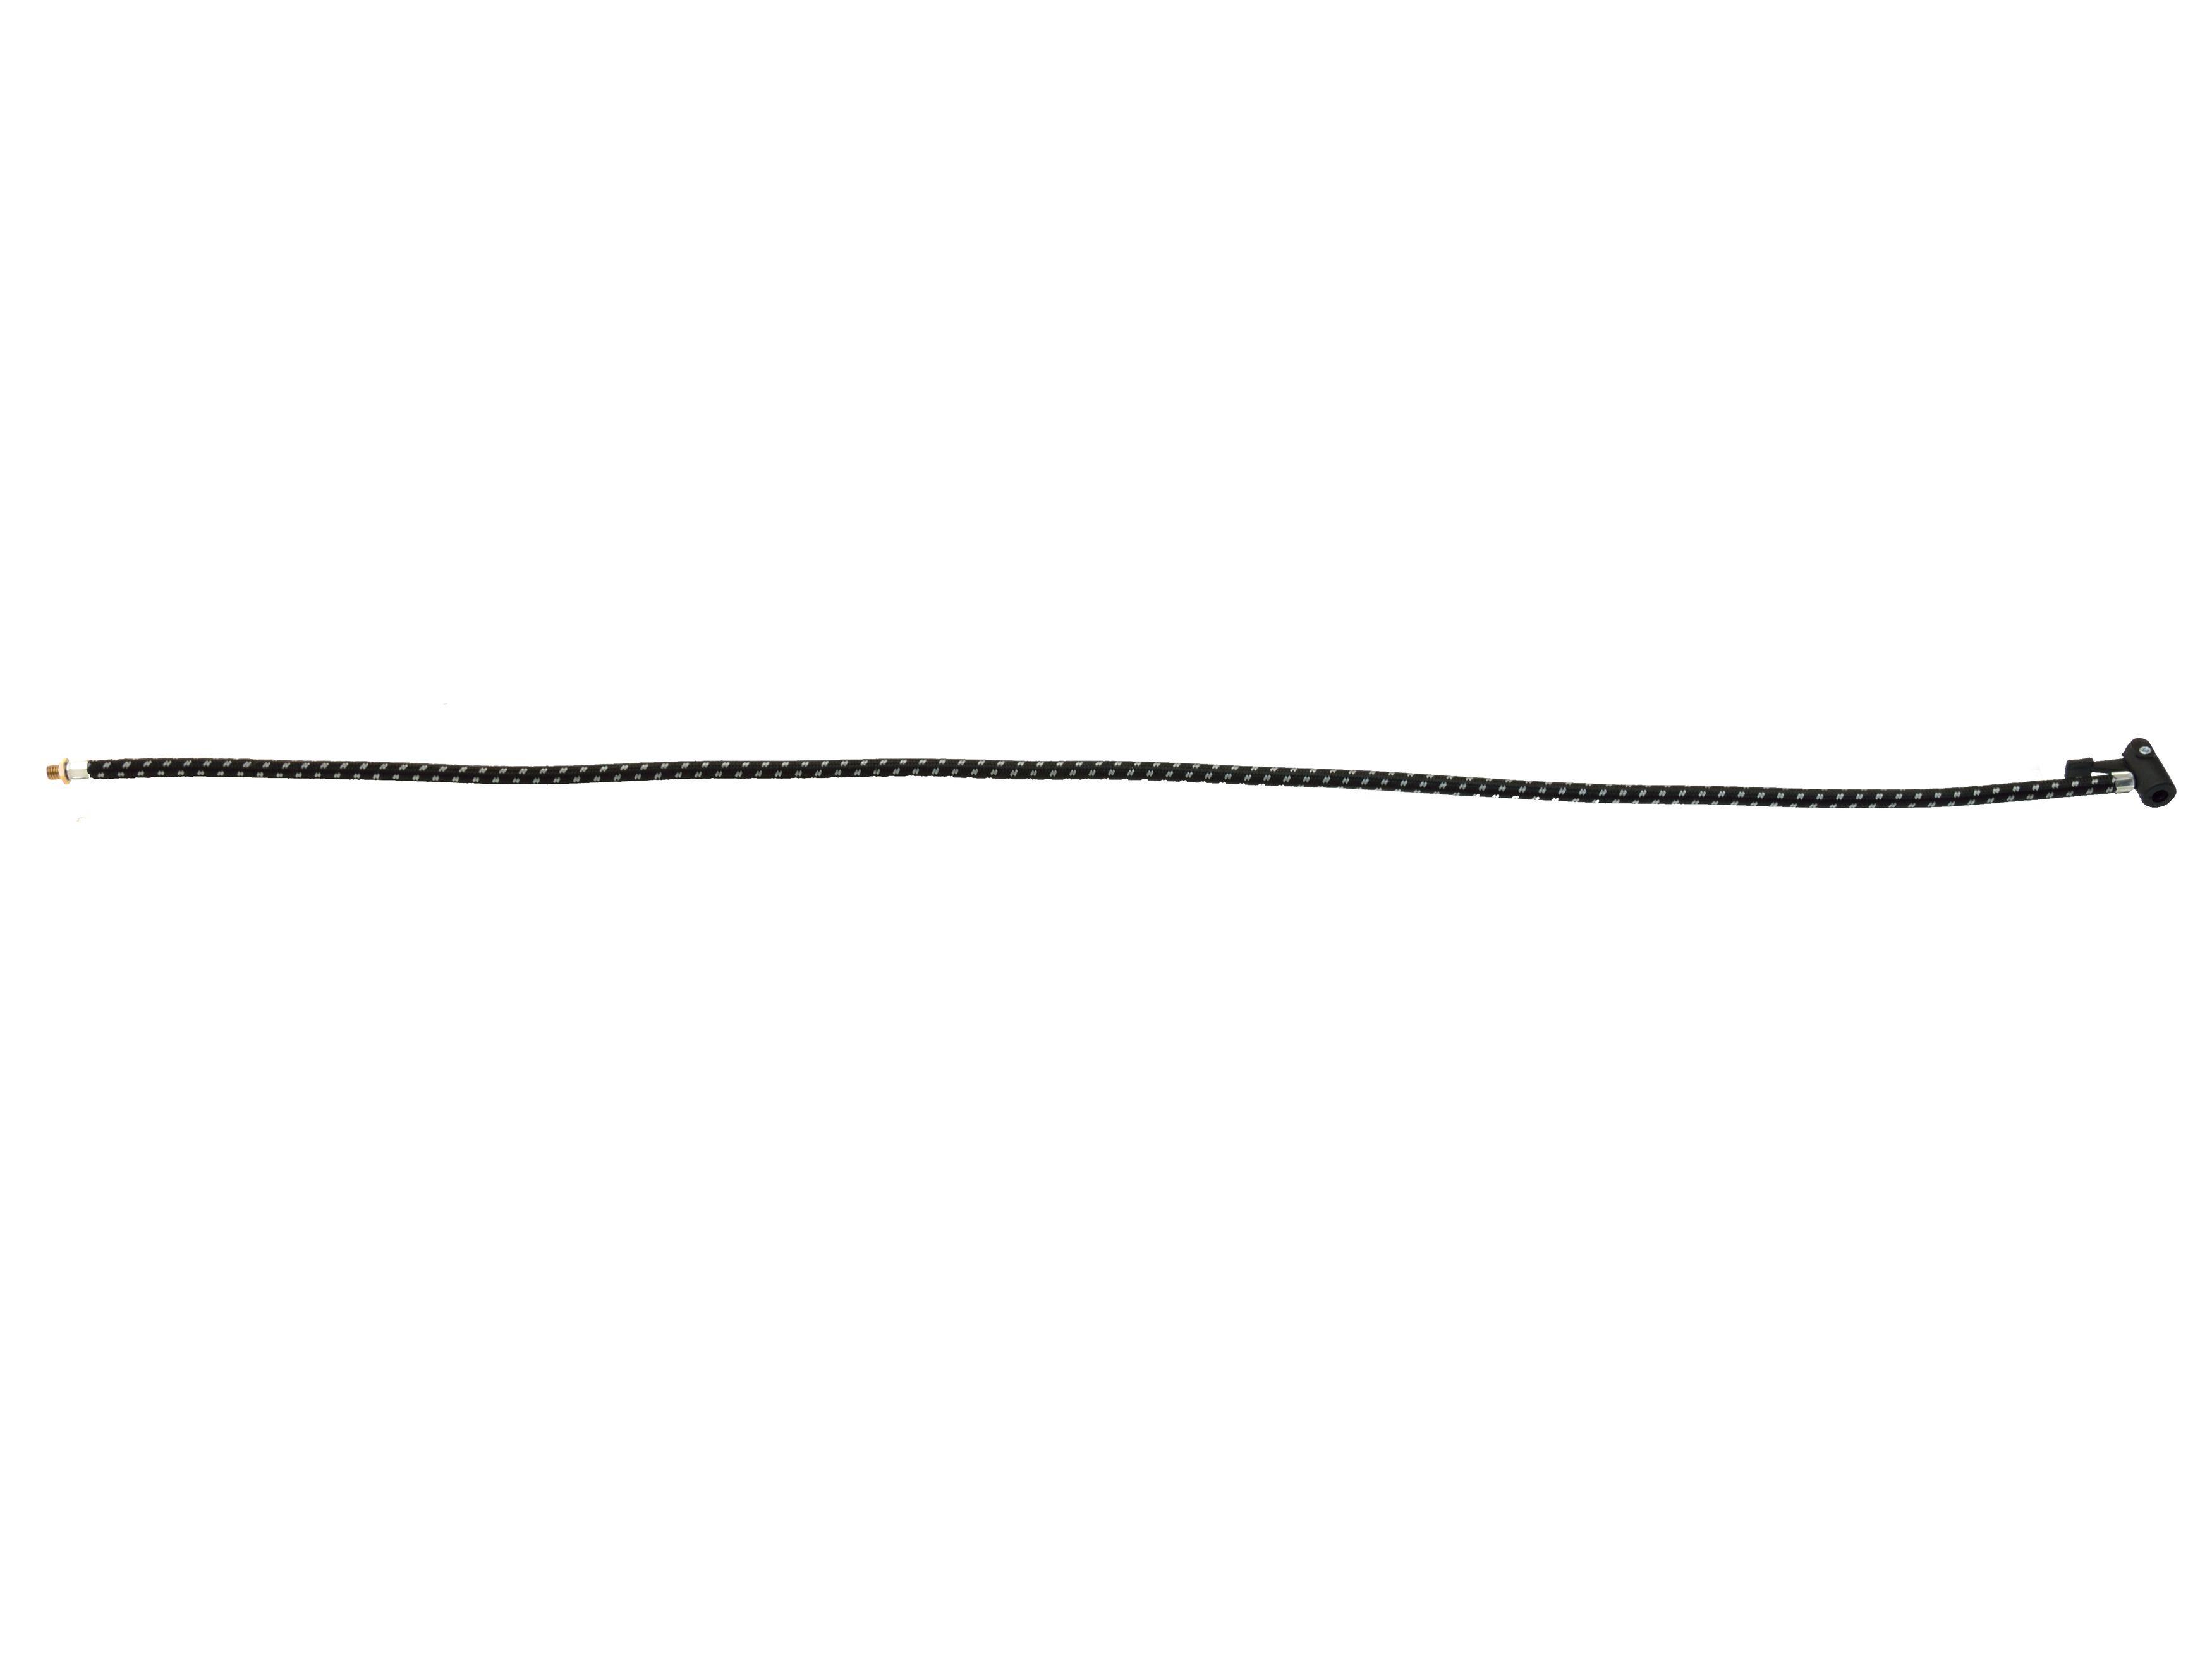 Propojovací hadice, 1000mm, spojení B2+A1 GEKO